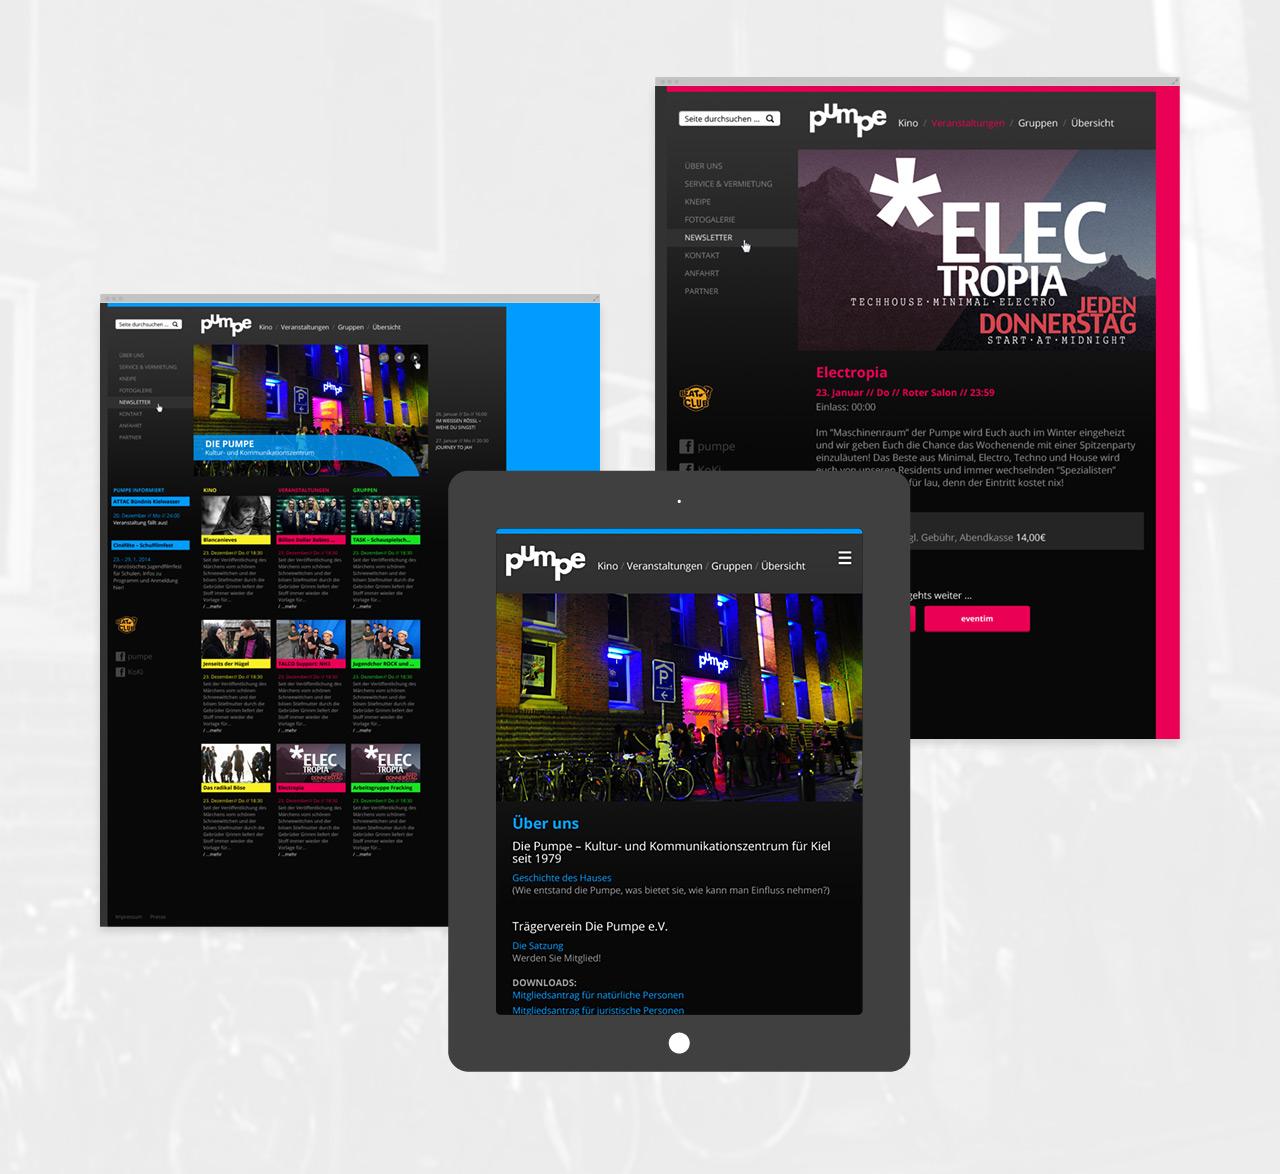 die pumpe Relaunch - Vergleich der Desktop- und Tabletansicht